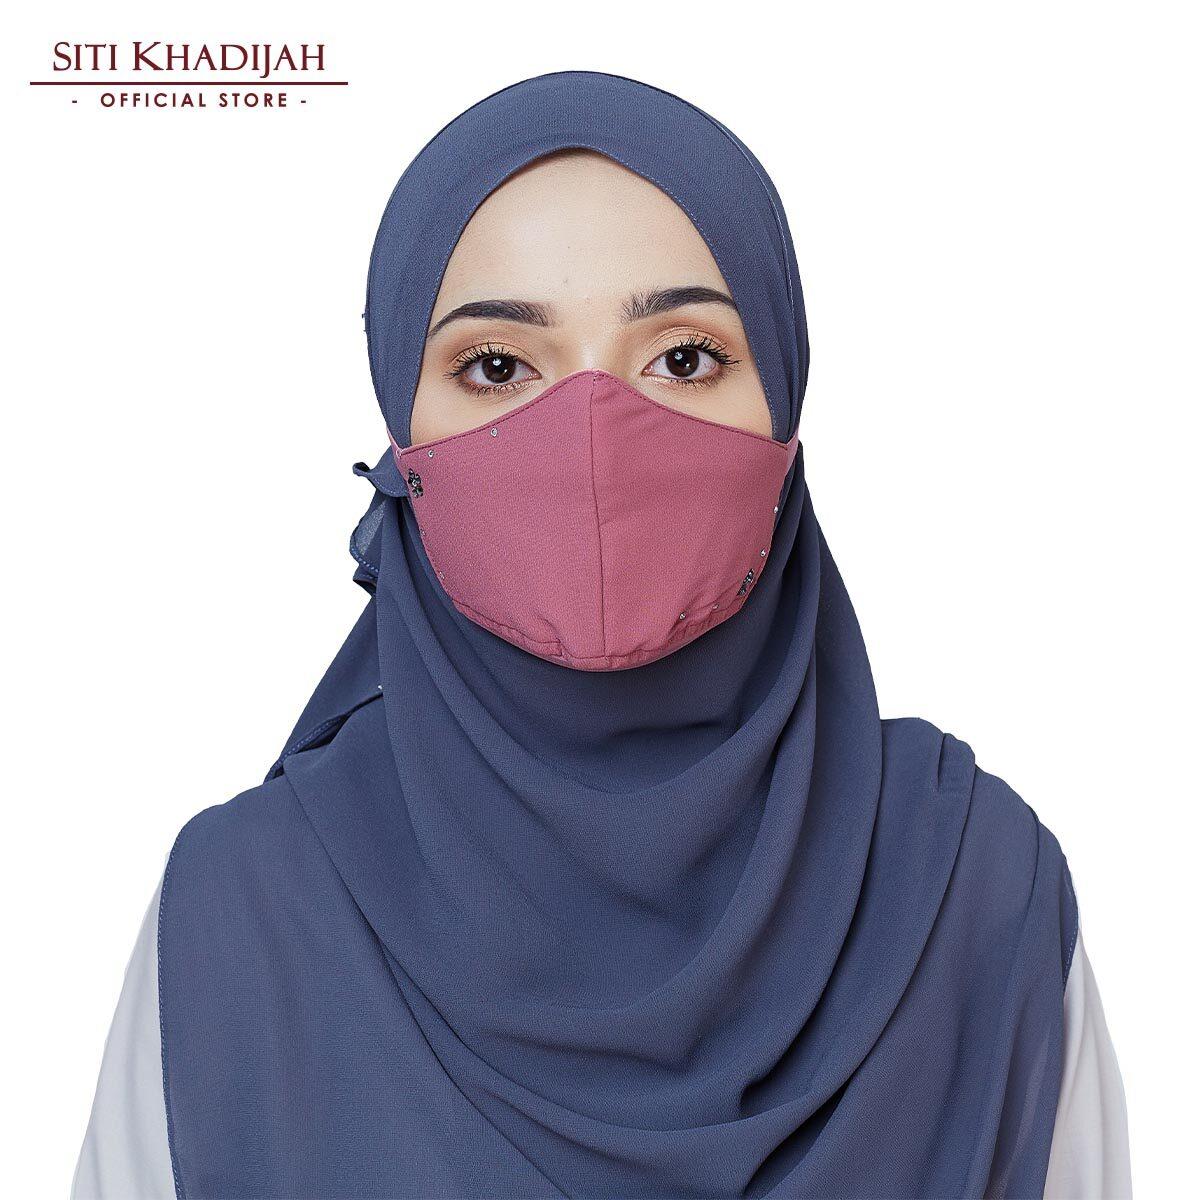 Siti Khadijah Swarovski Face Mask